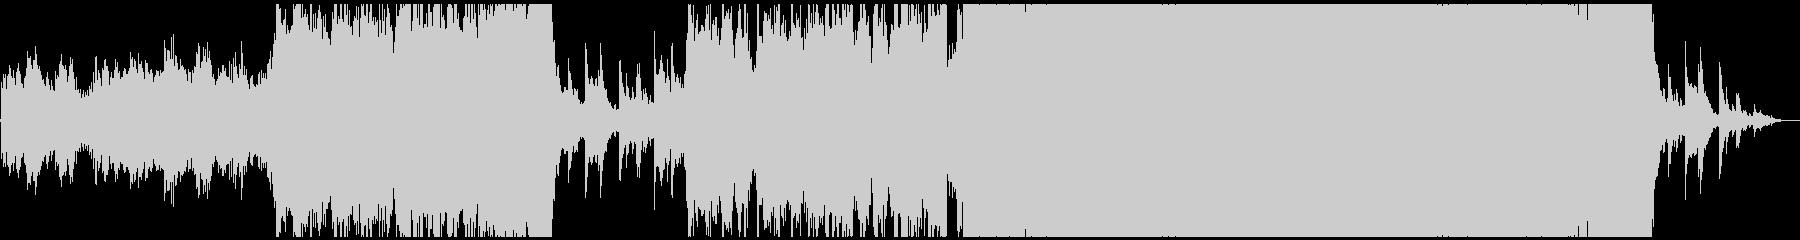 ピアノとエレキのリフが印象的なポップスの未再生の波形